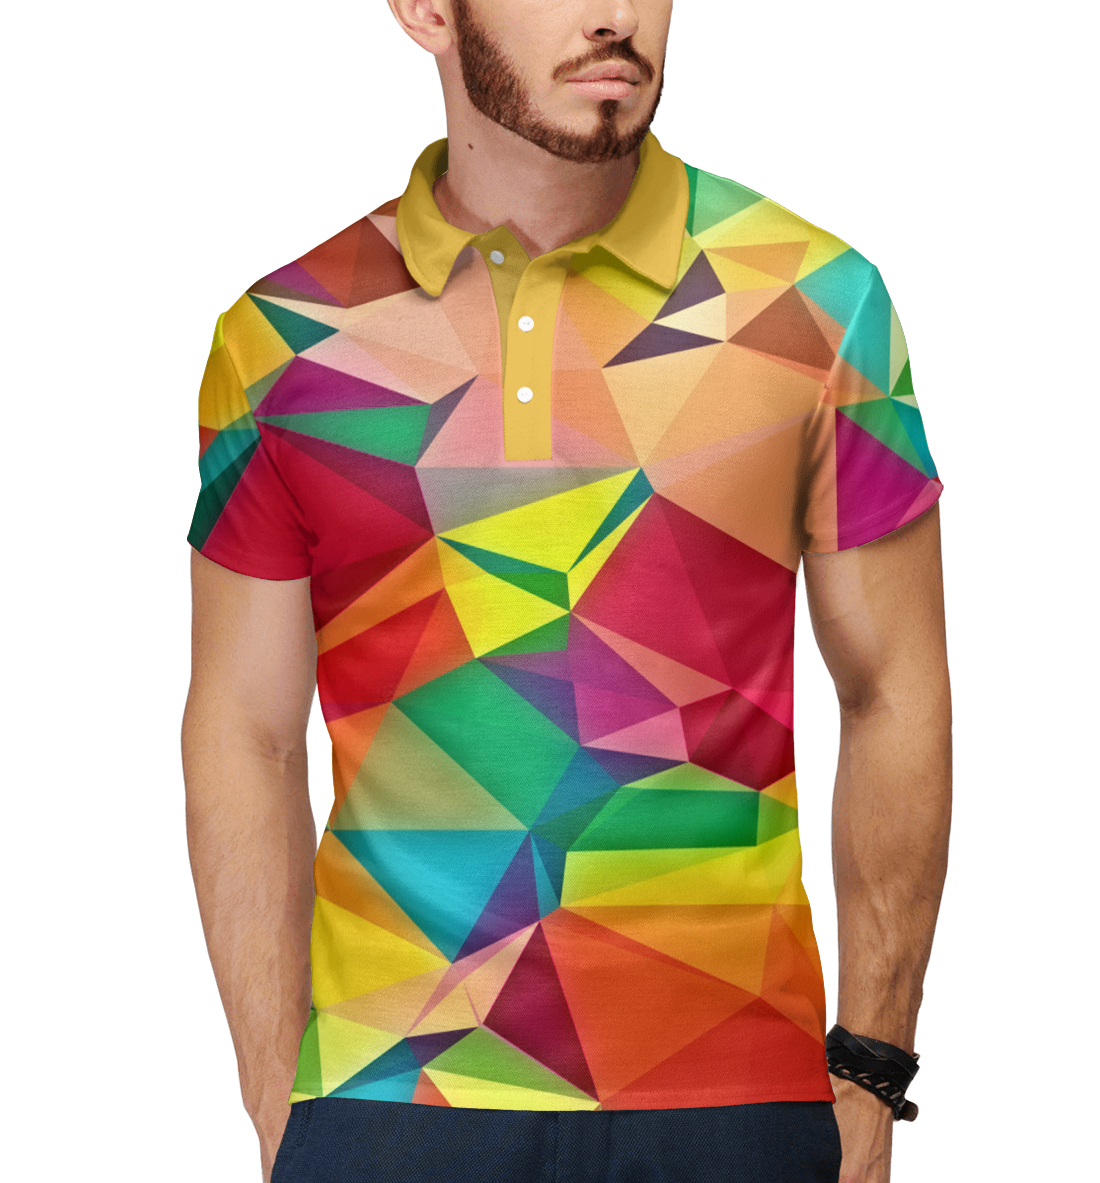 Купить Цветная абстракция, Printbar, Поло, ABS-277635-pol-2